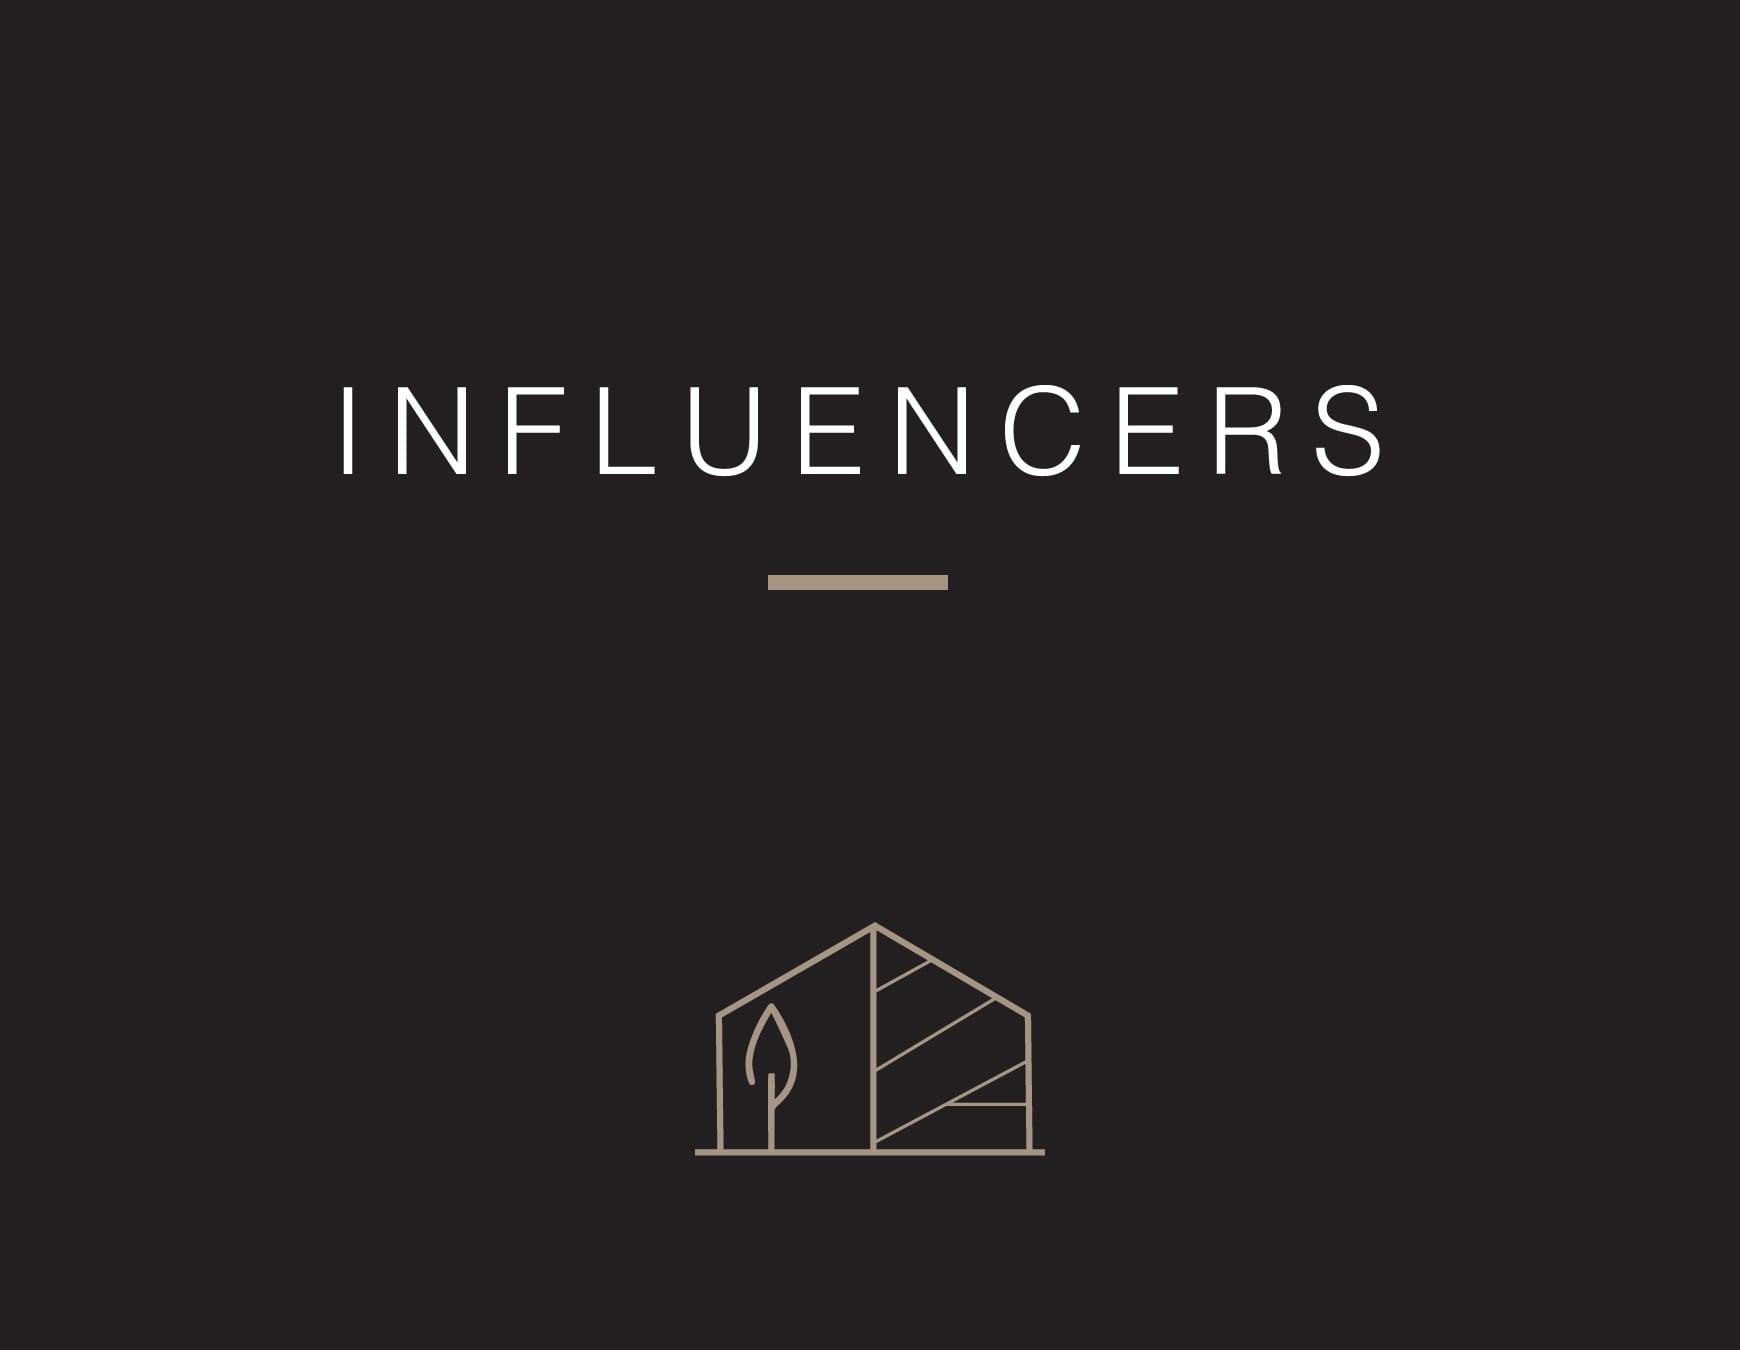 kohler-bold-design-award-influencers-2018